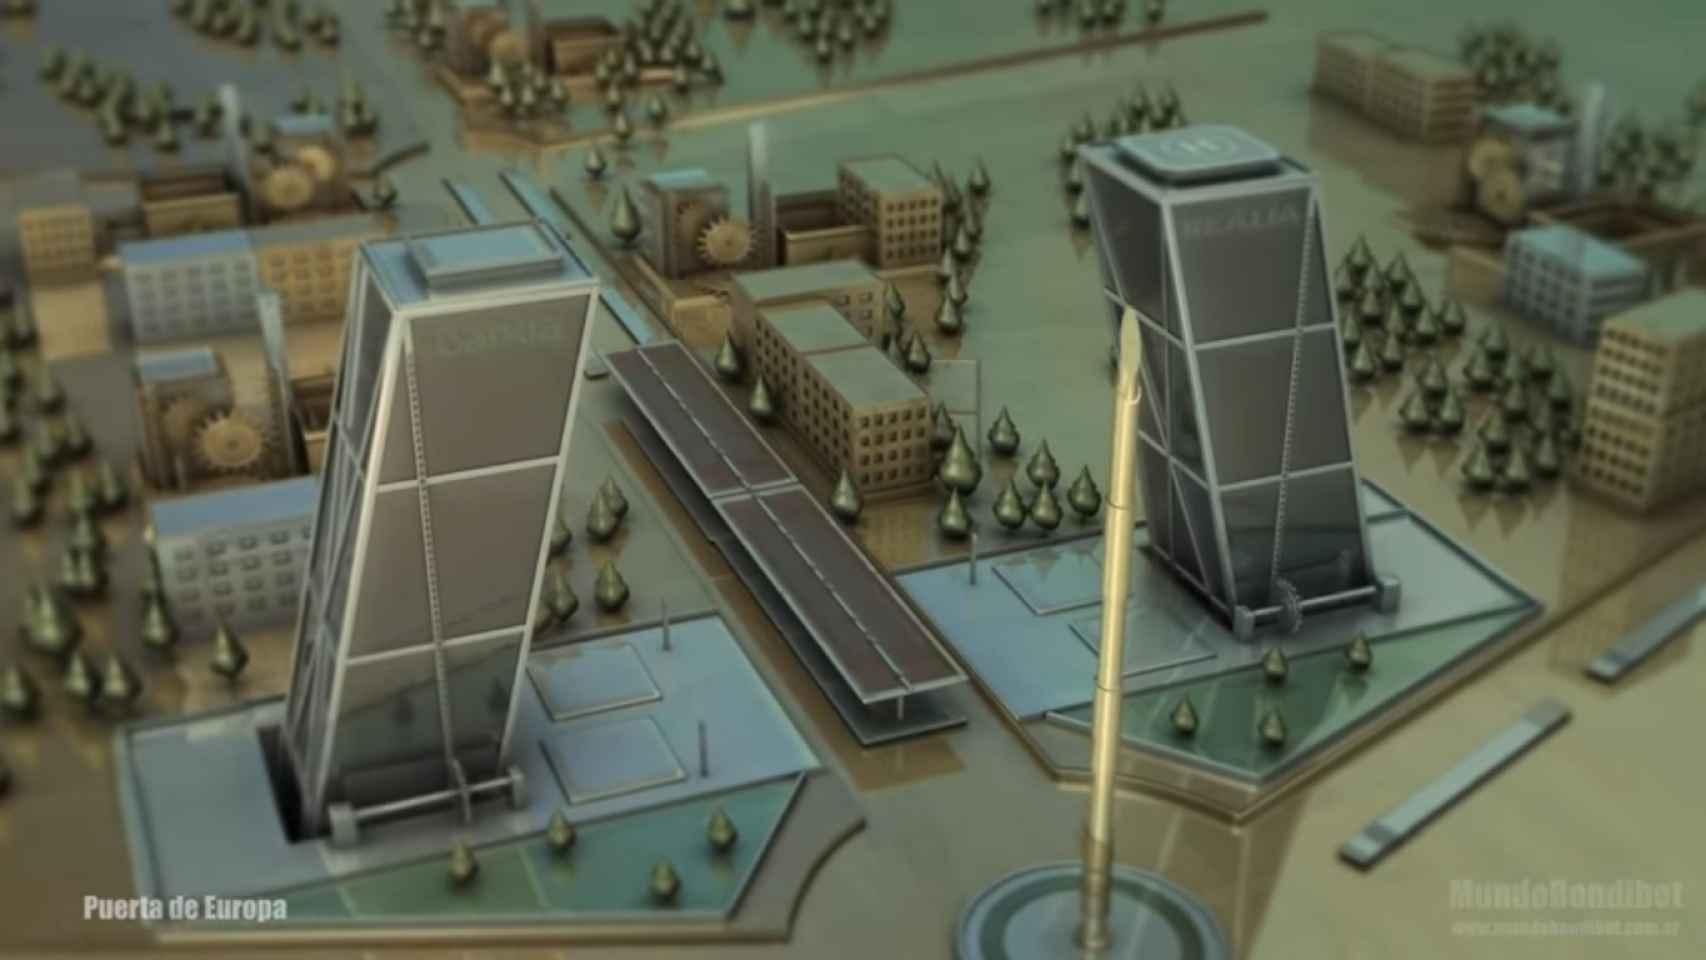 Los monumentos de Madrid convertidos en escenario de 'Juego de Tronos'.